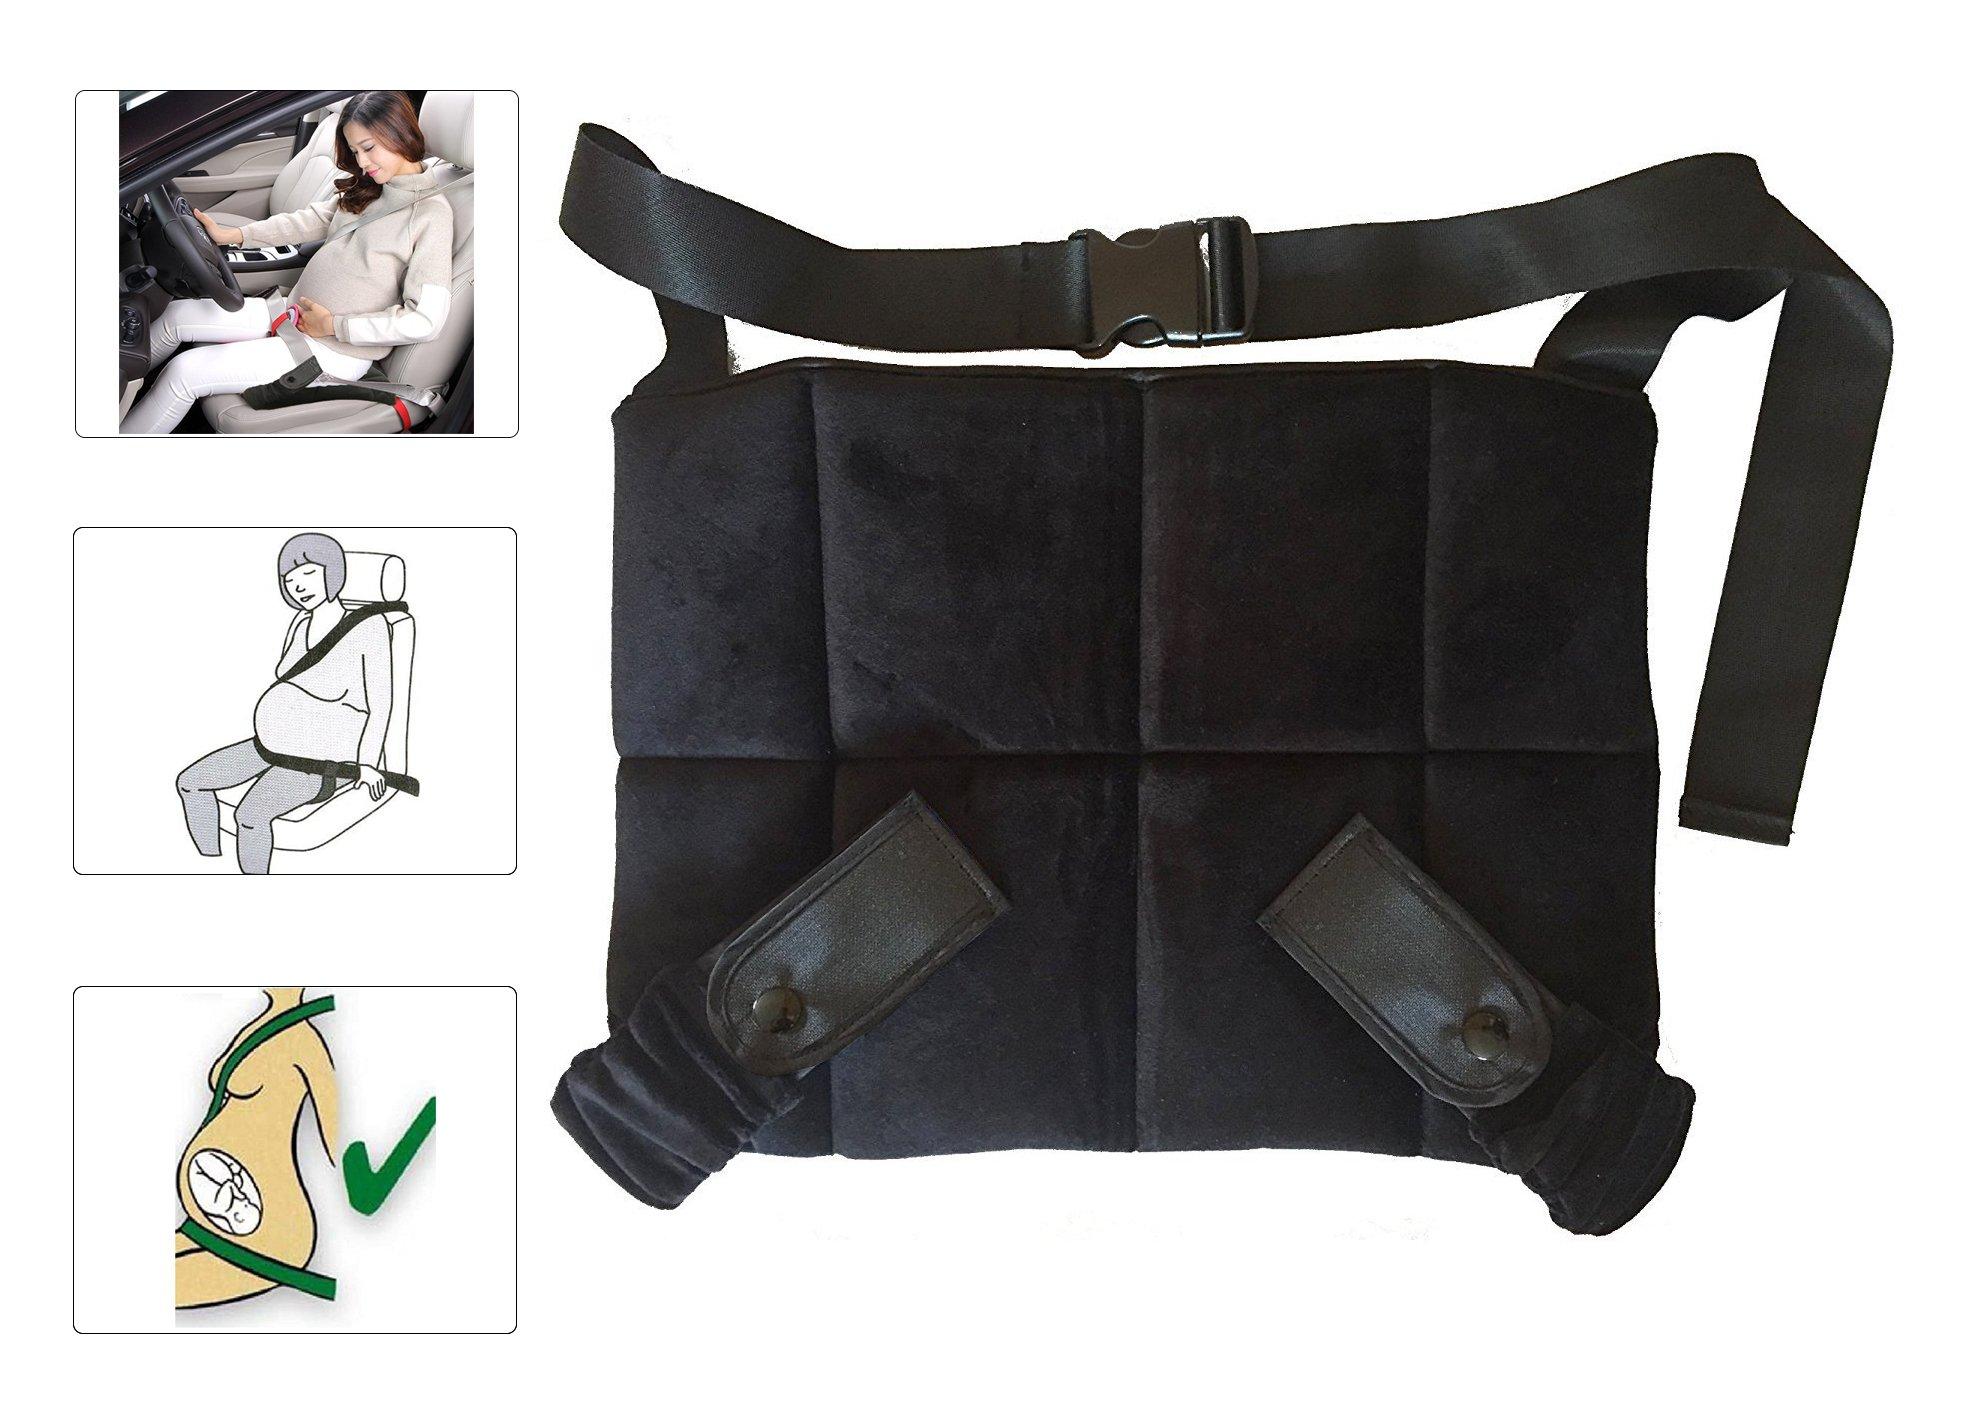 Protector Cinturón Embarazada, CompraFun Cinturón Maternidad Cinturón Ajustable para Embarazadas, Proporciona Seguridad y Comodidad